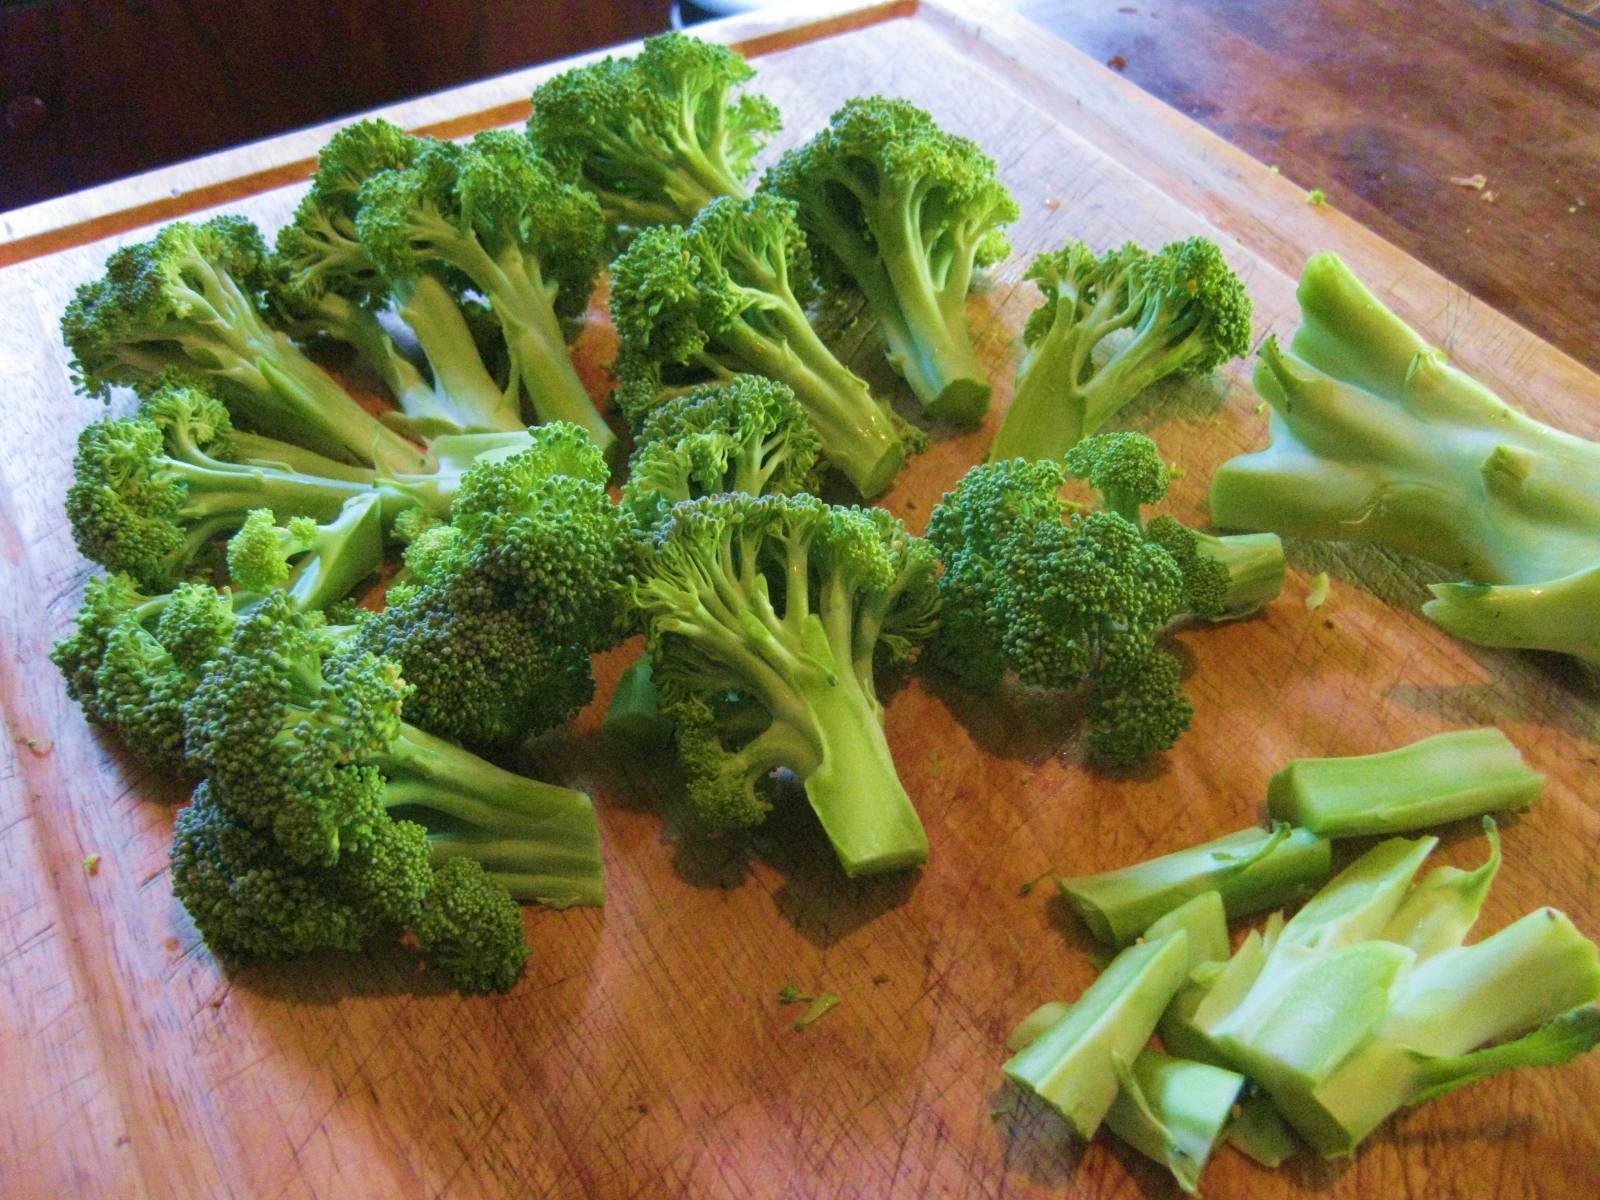 Брокколи рецепты и заготовки на зиму, вкусные блюда из капусты